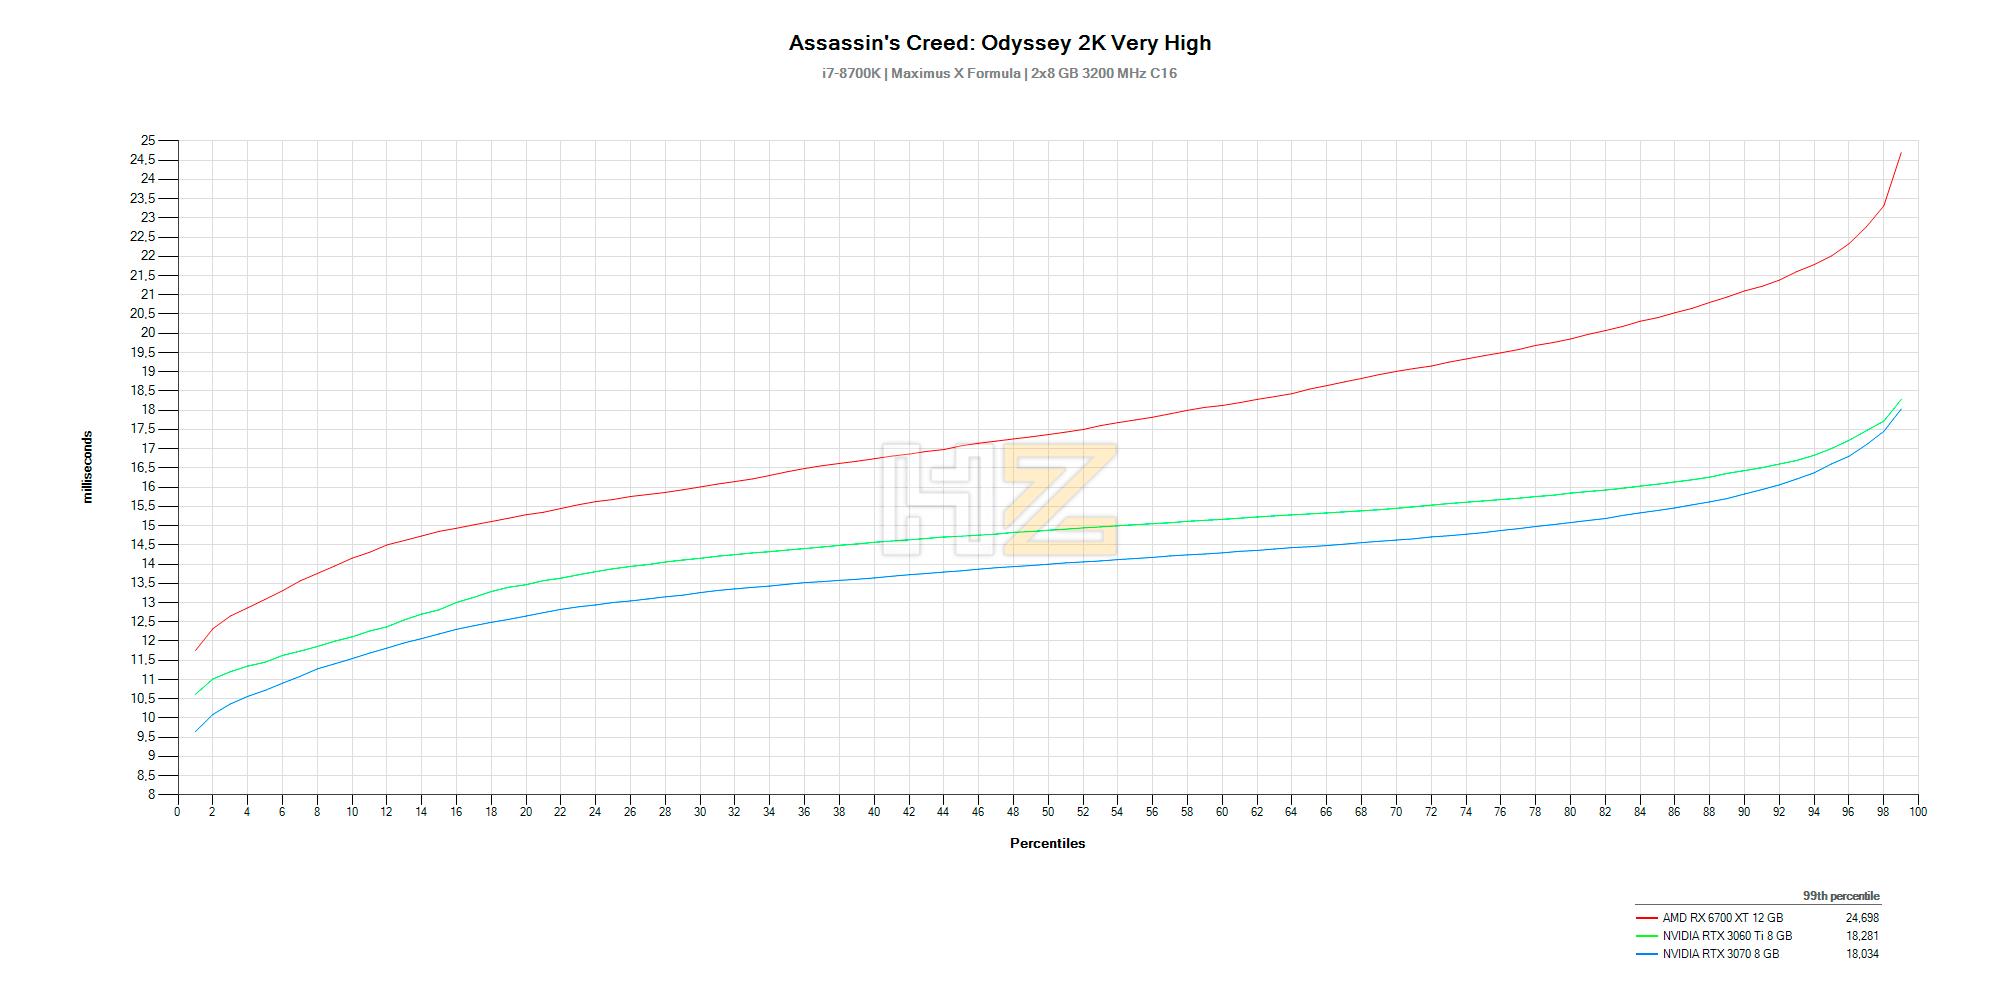 ACO-Percentiles